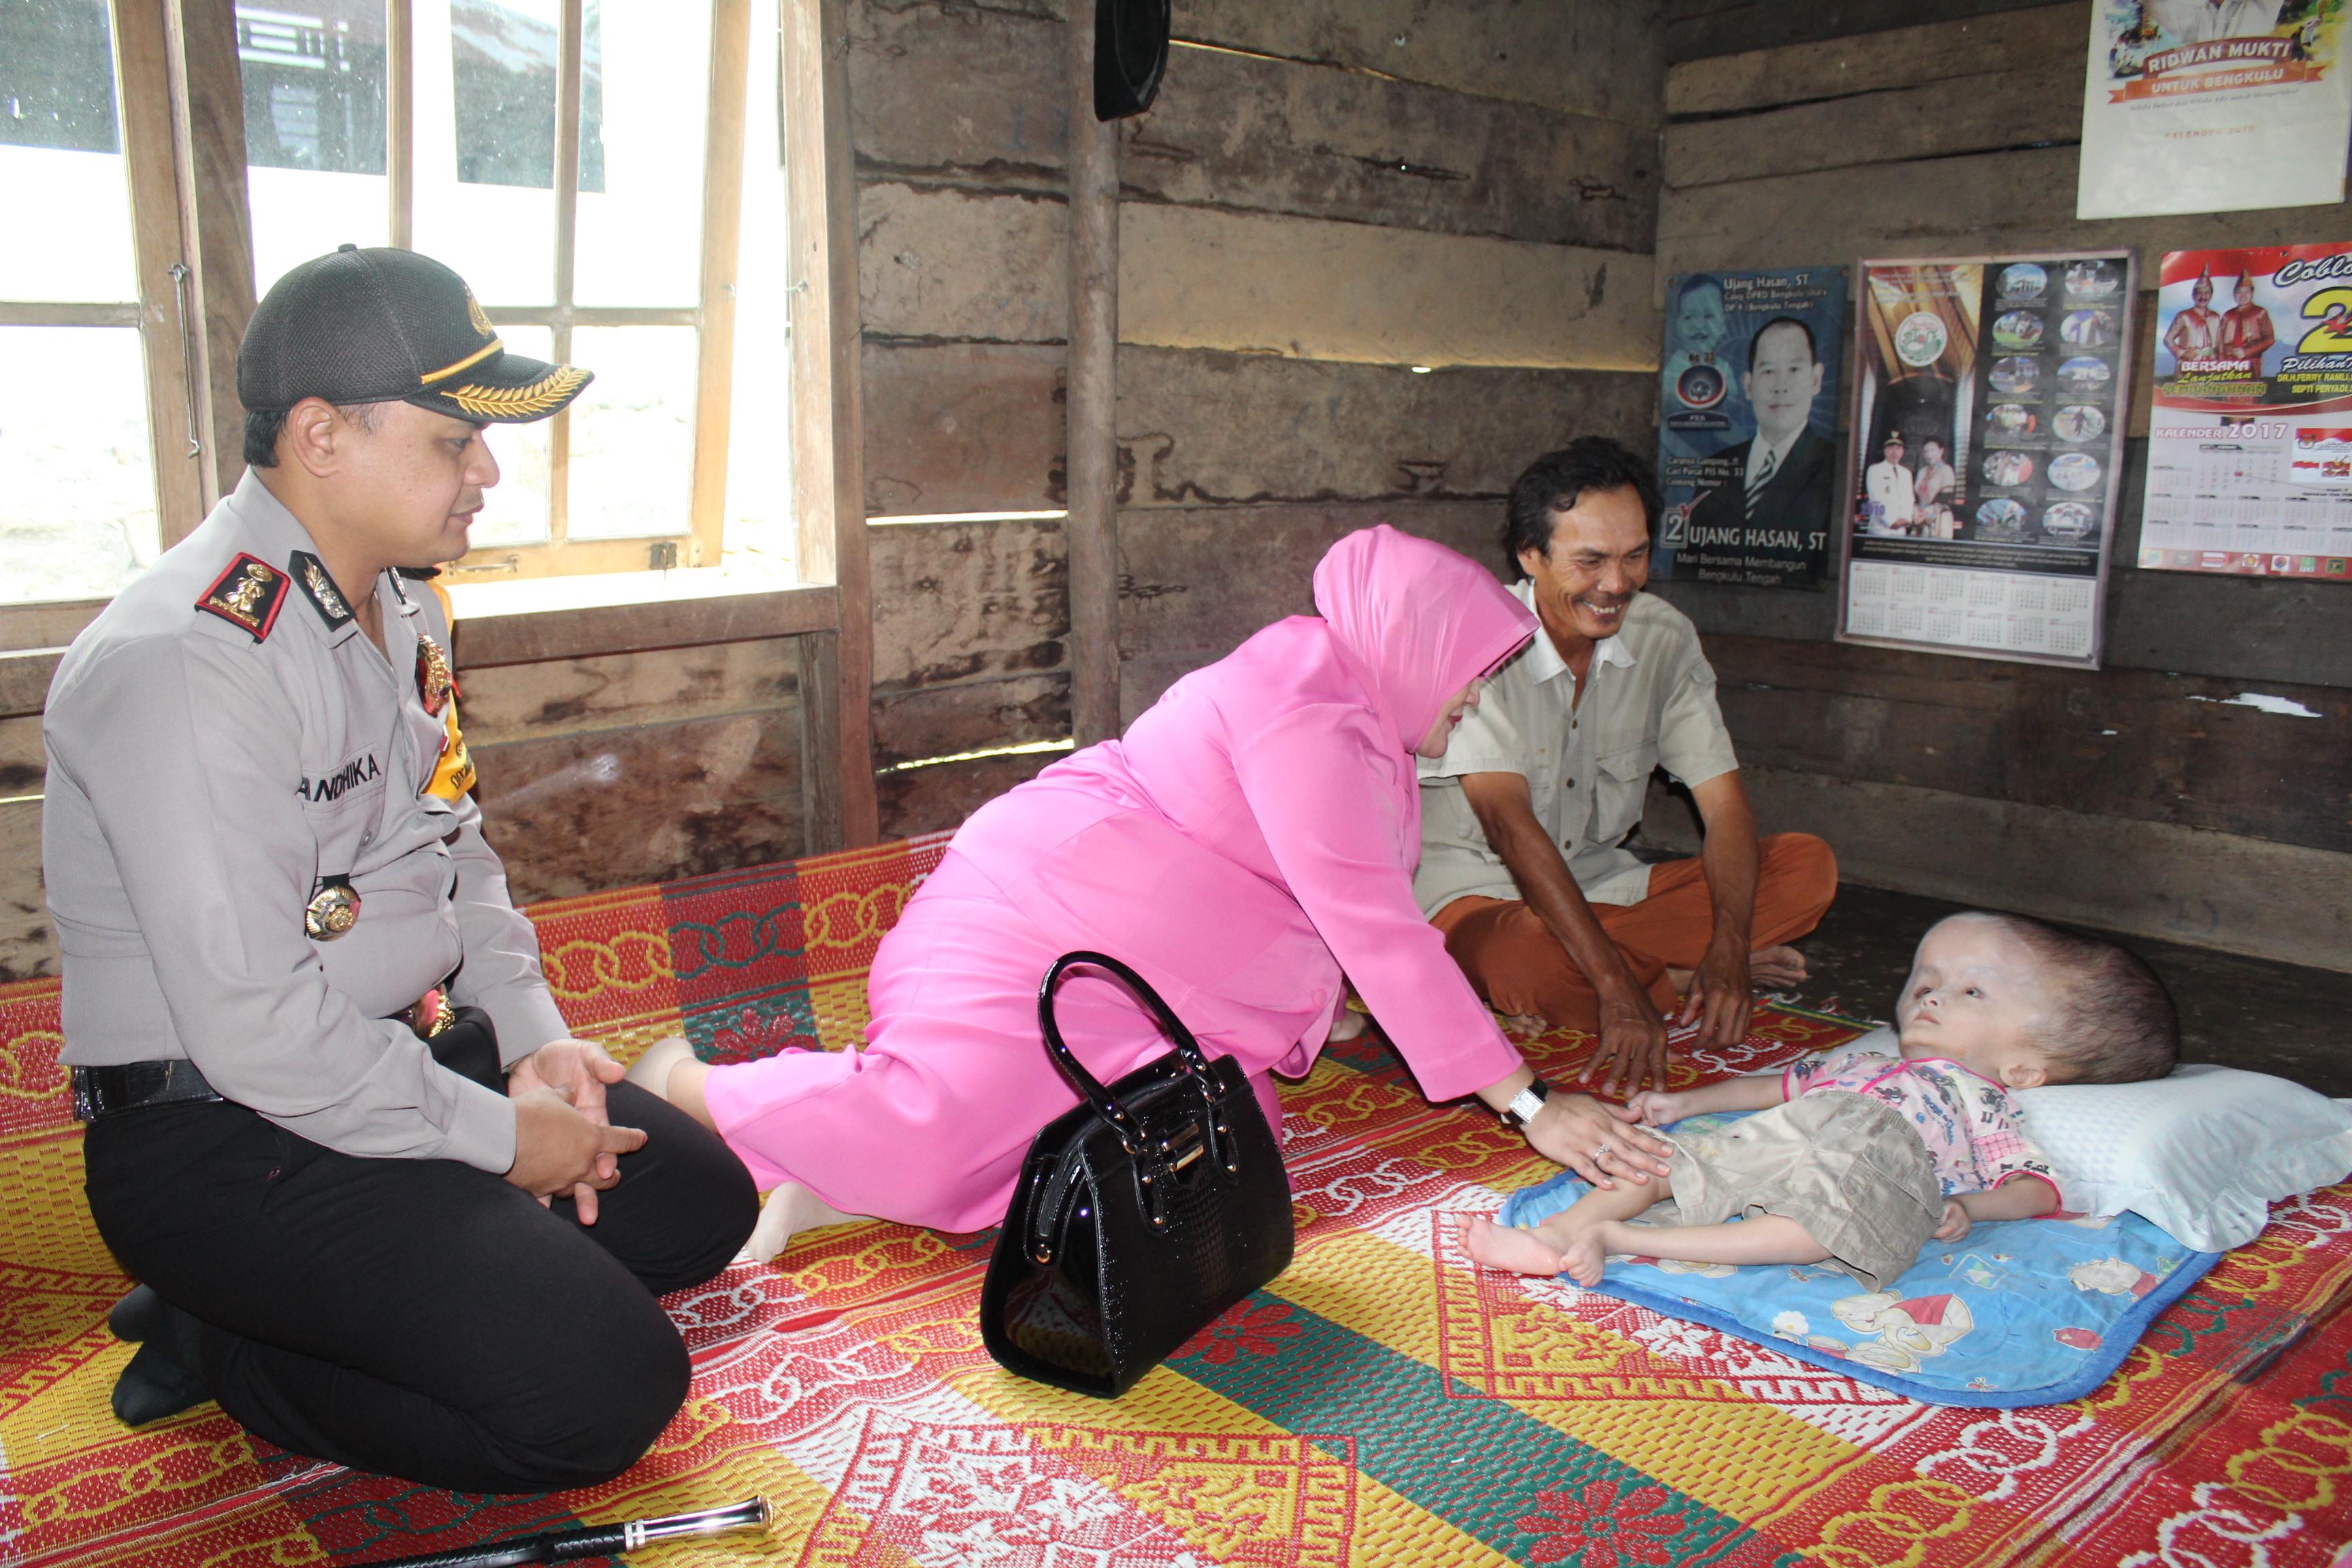 Kapolres Bengkulu Utara; Mari Kita Tumbuhkan Rasa Peduli Terhadap Sesama